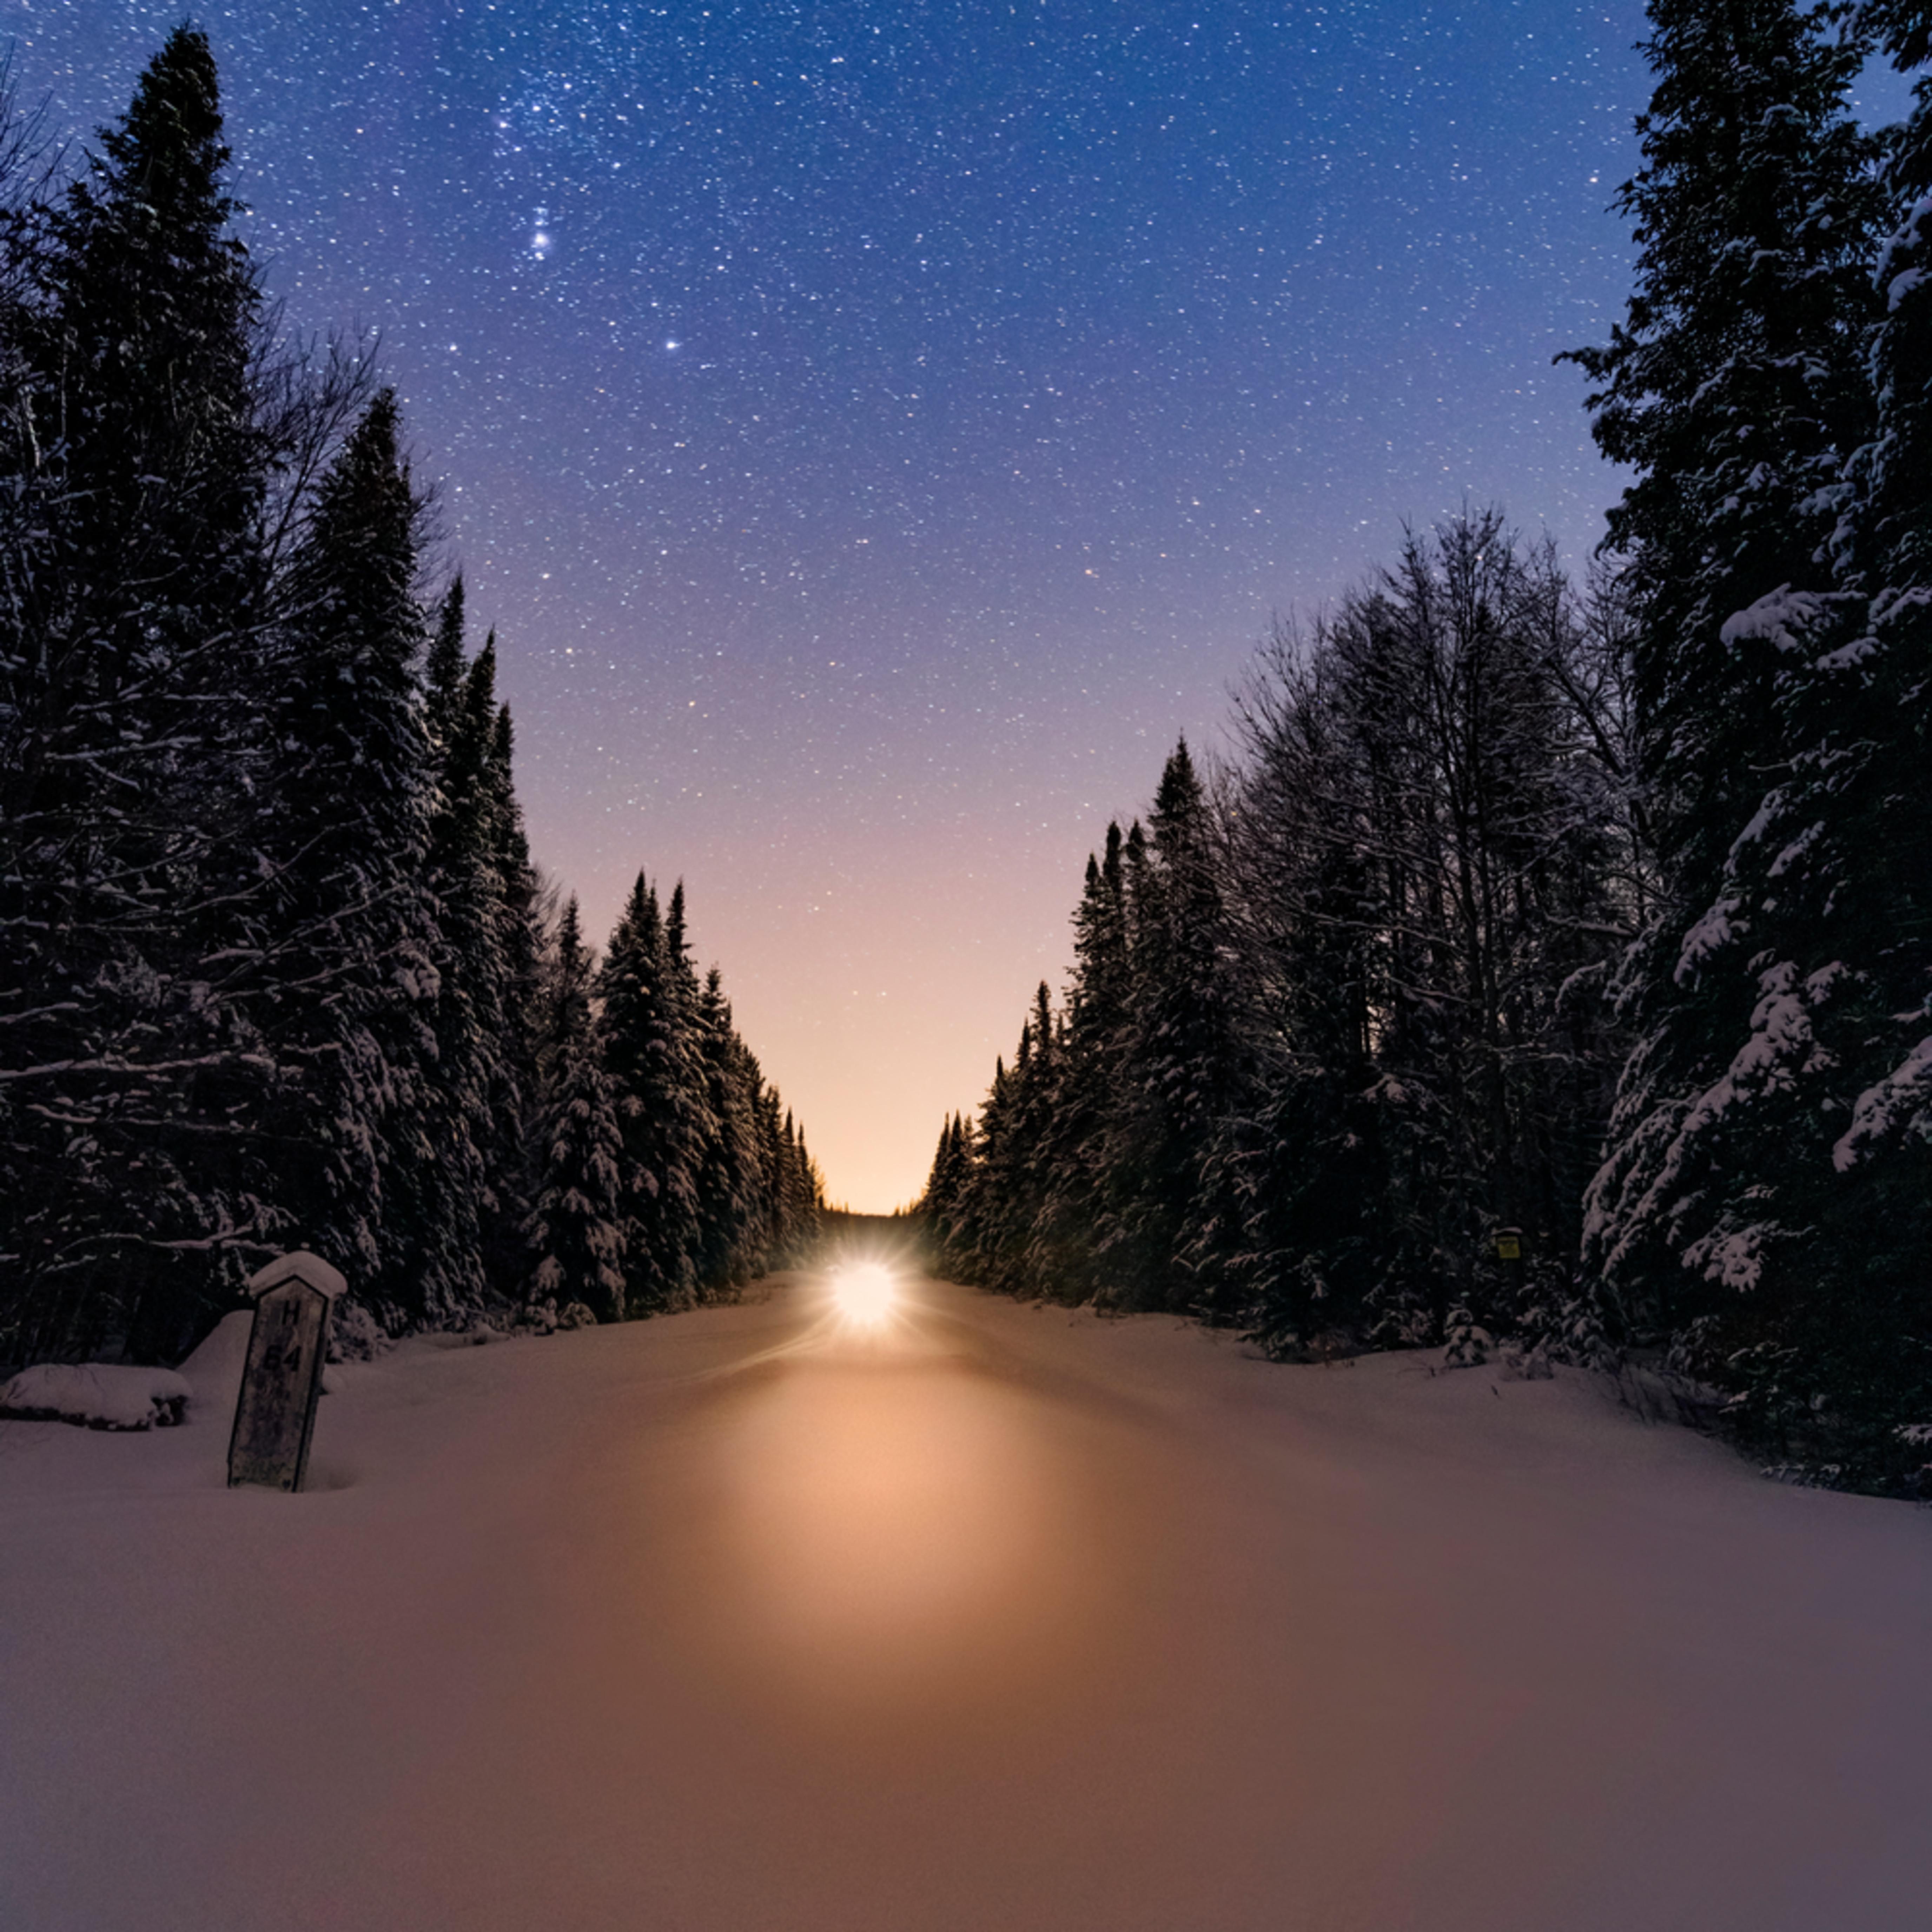 Snowmobile tracks winter s29zst